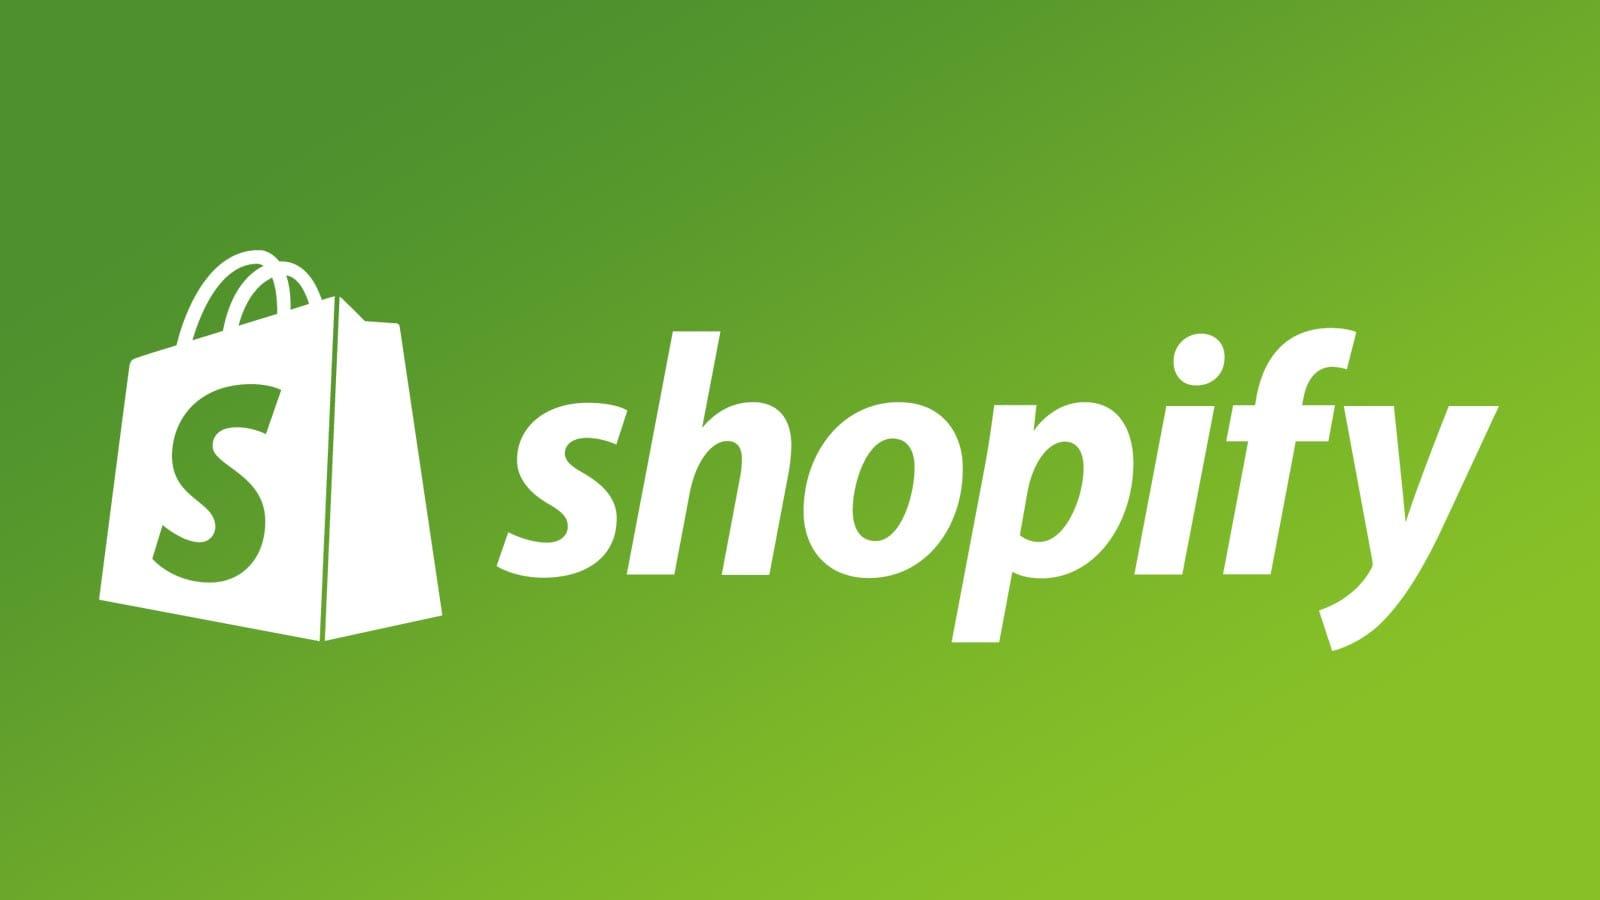 image Shopify